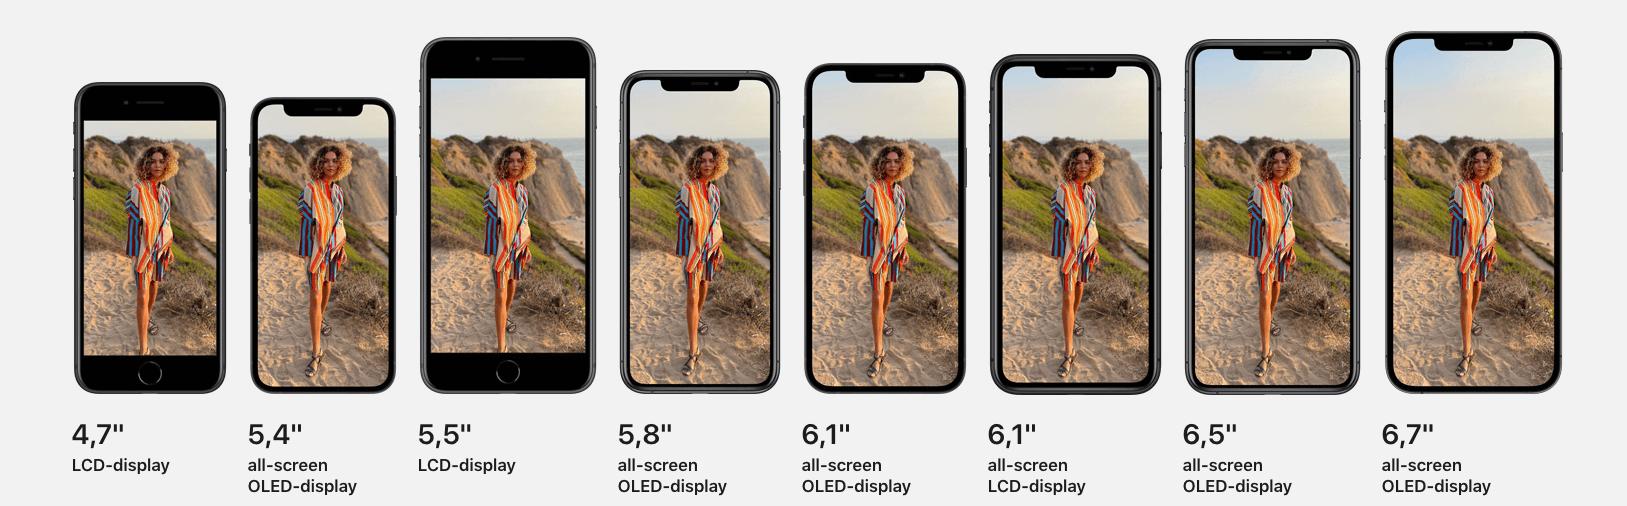 iphone formaten vergelijking